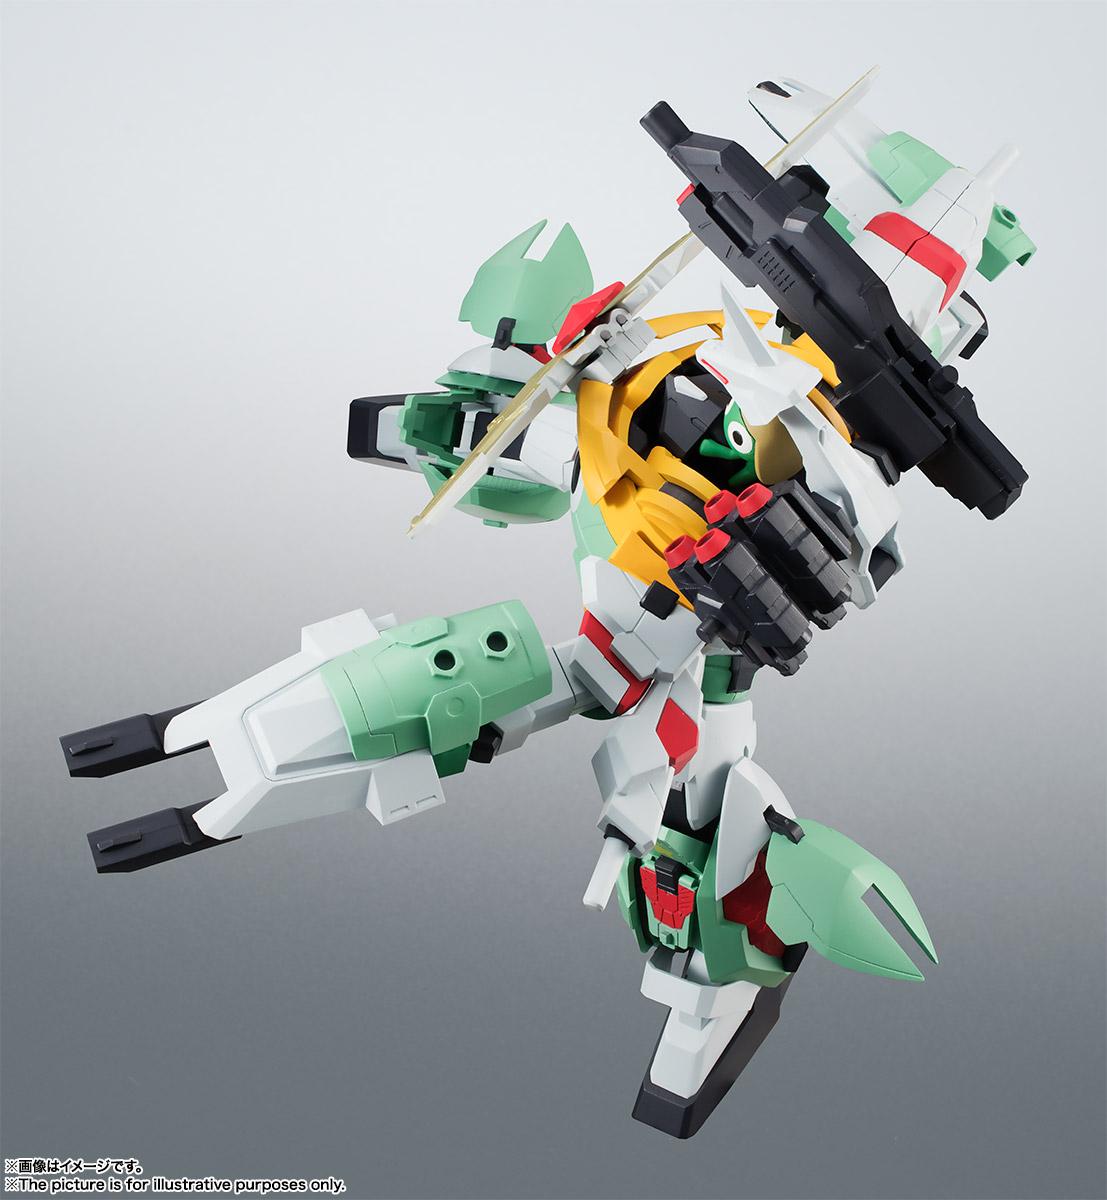 KERORO魂『ケロロロボUC』ケロロ軍曹 可動フィギュア-017